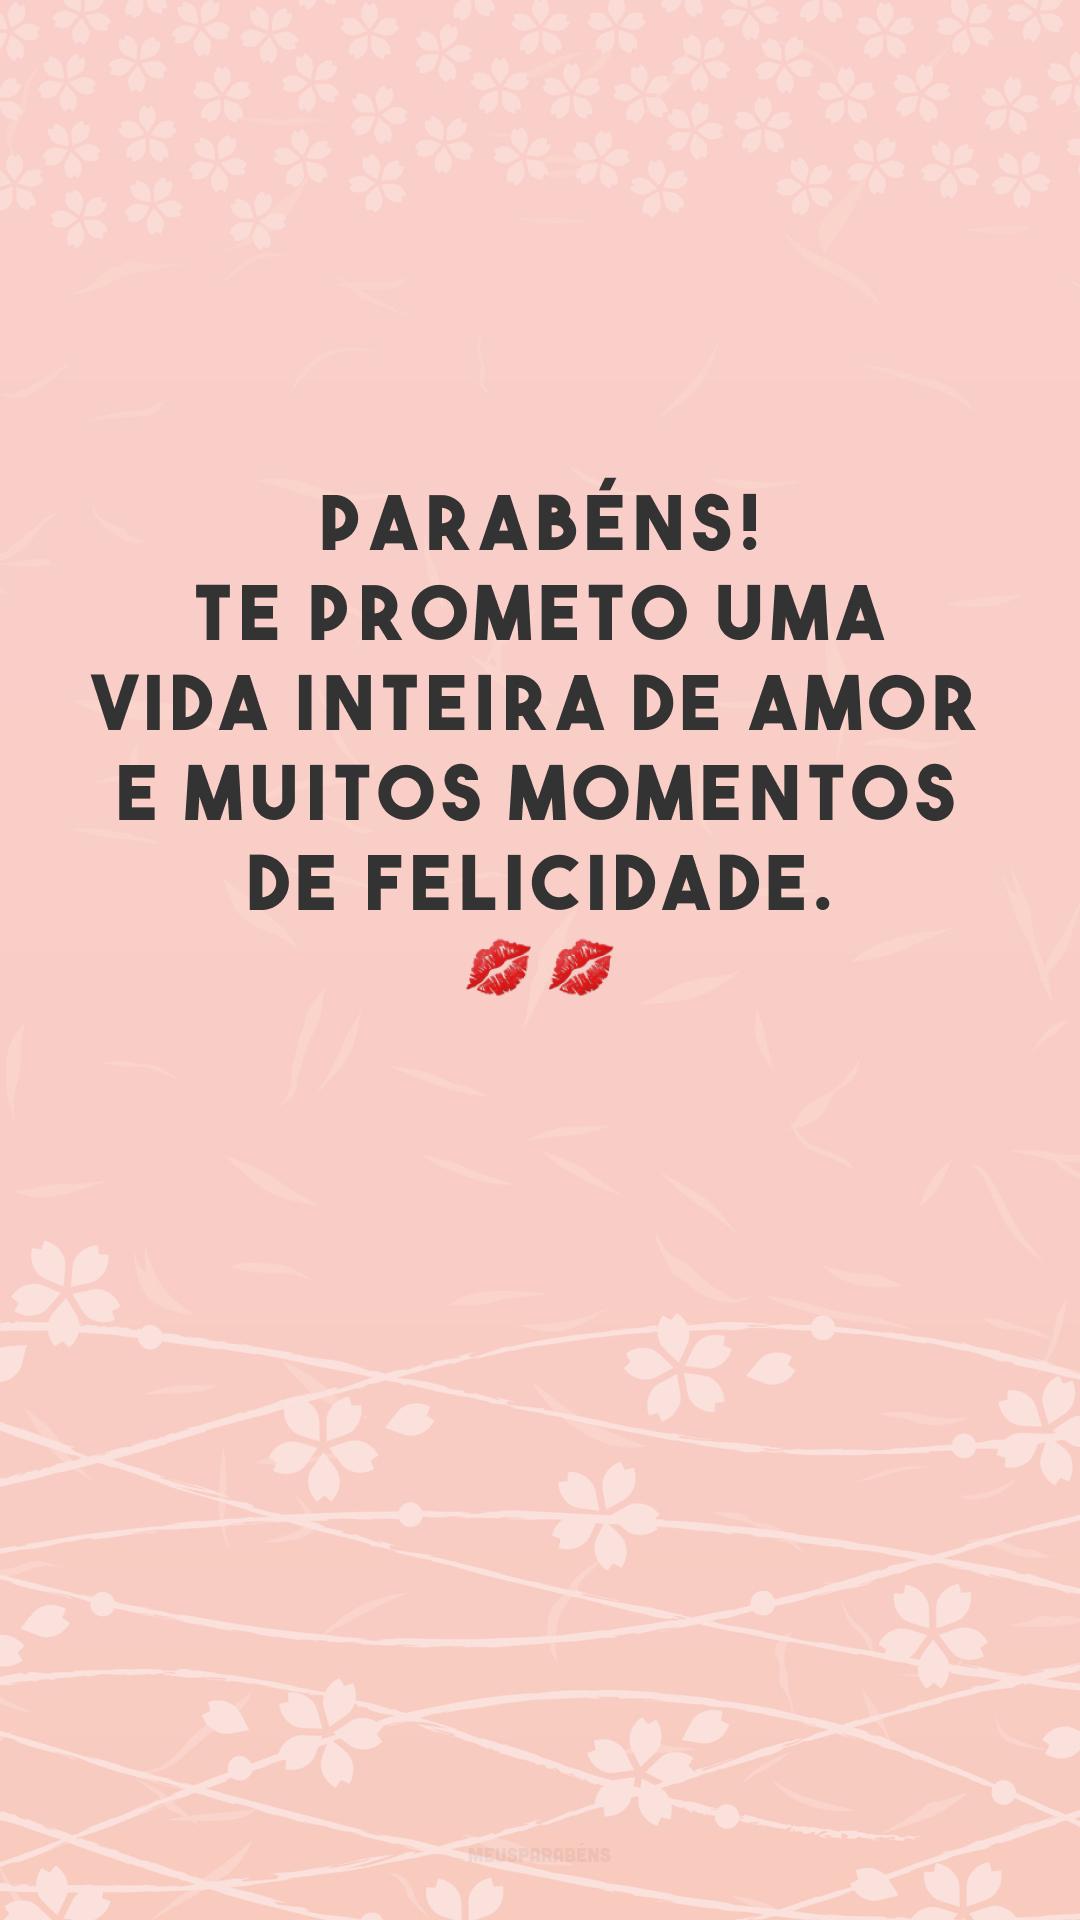 Parabéns! Te prometo uma vida inteira de amor e muitos momentos de felicidade. 💋💋